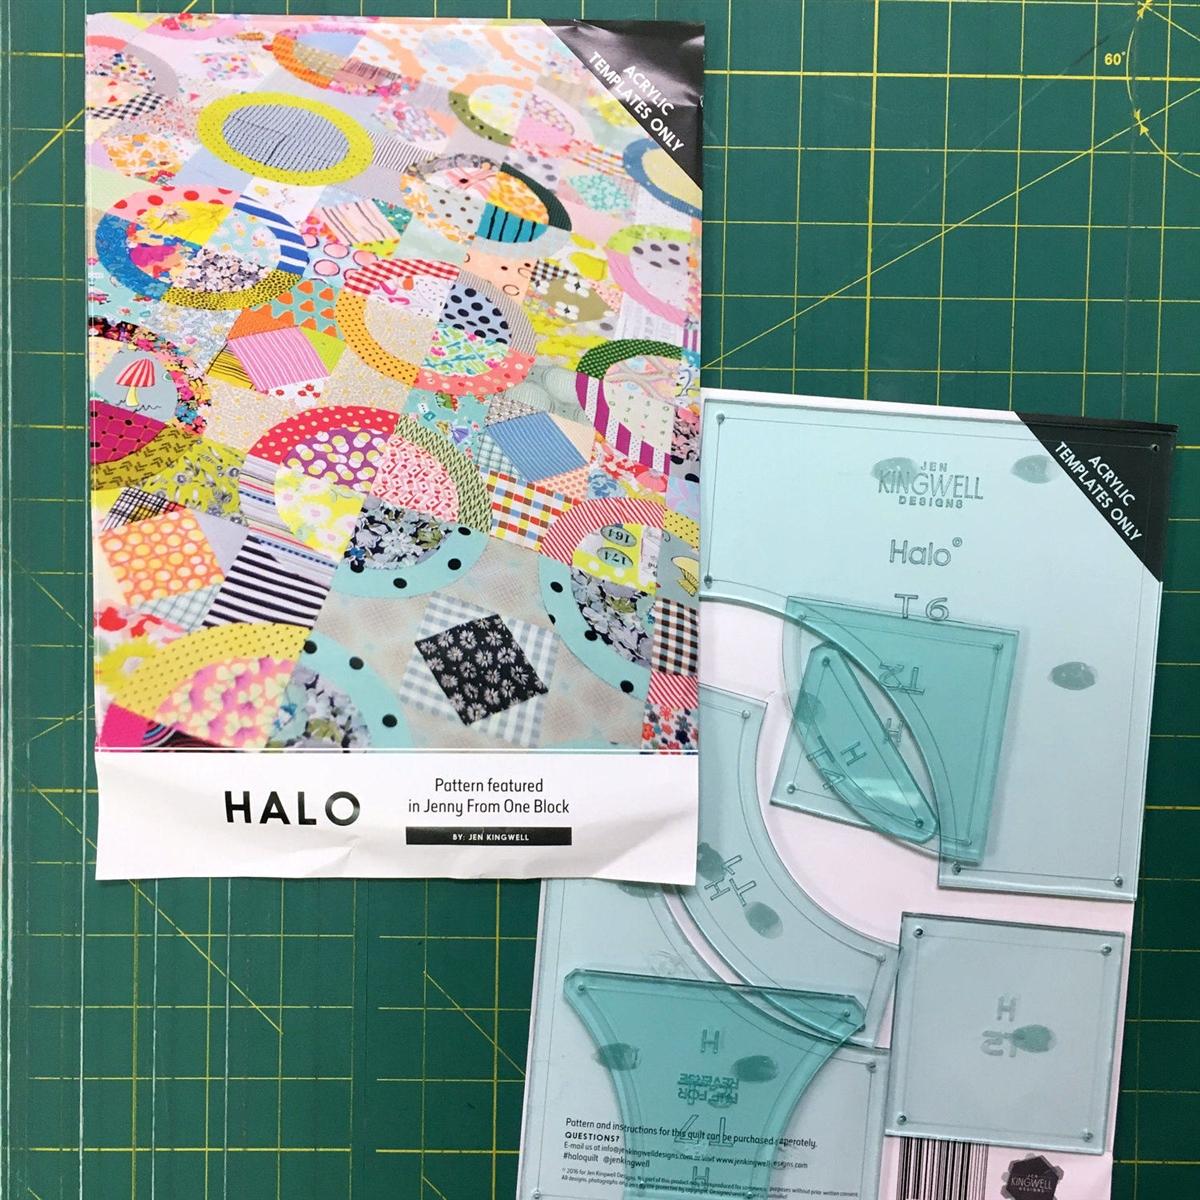 Jenny from One Block Jen Kingwell Designs Pattern Booklet